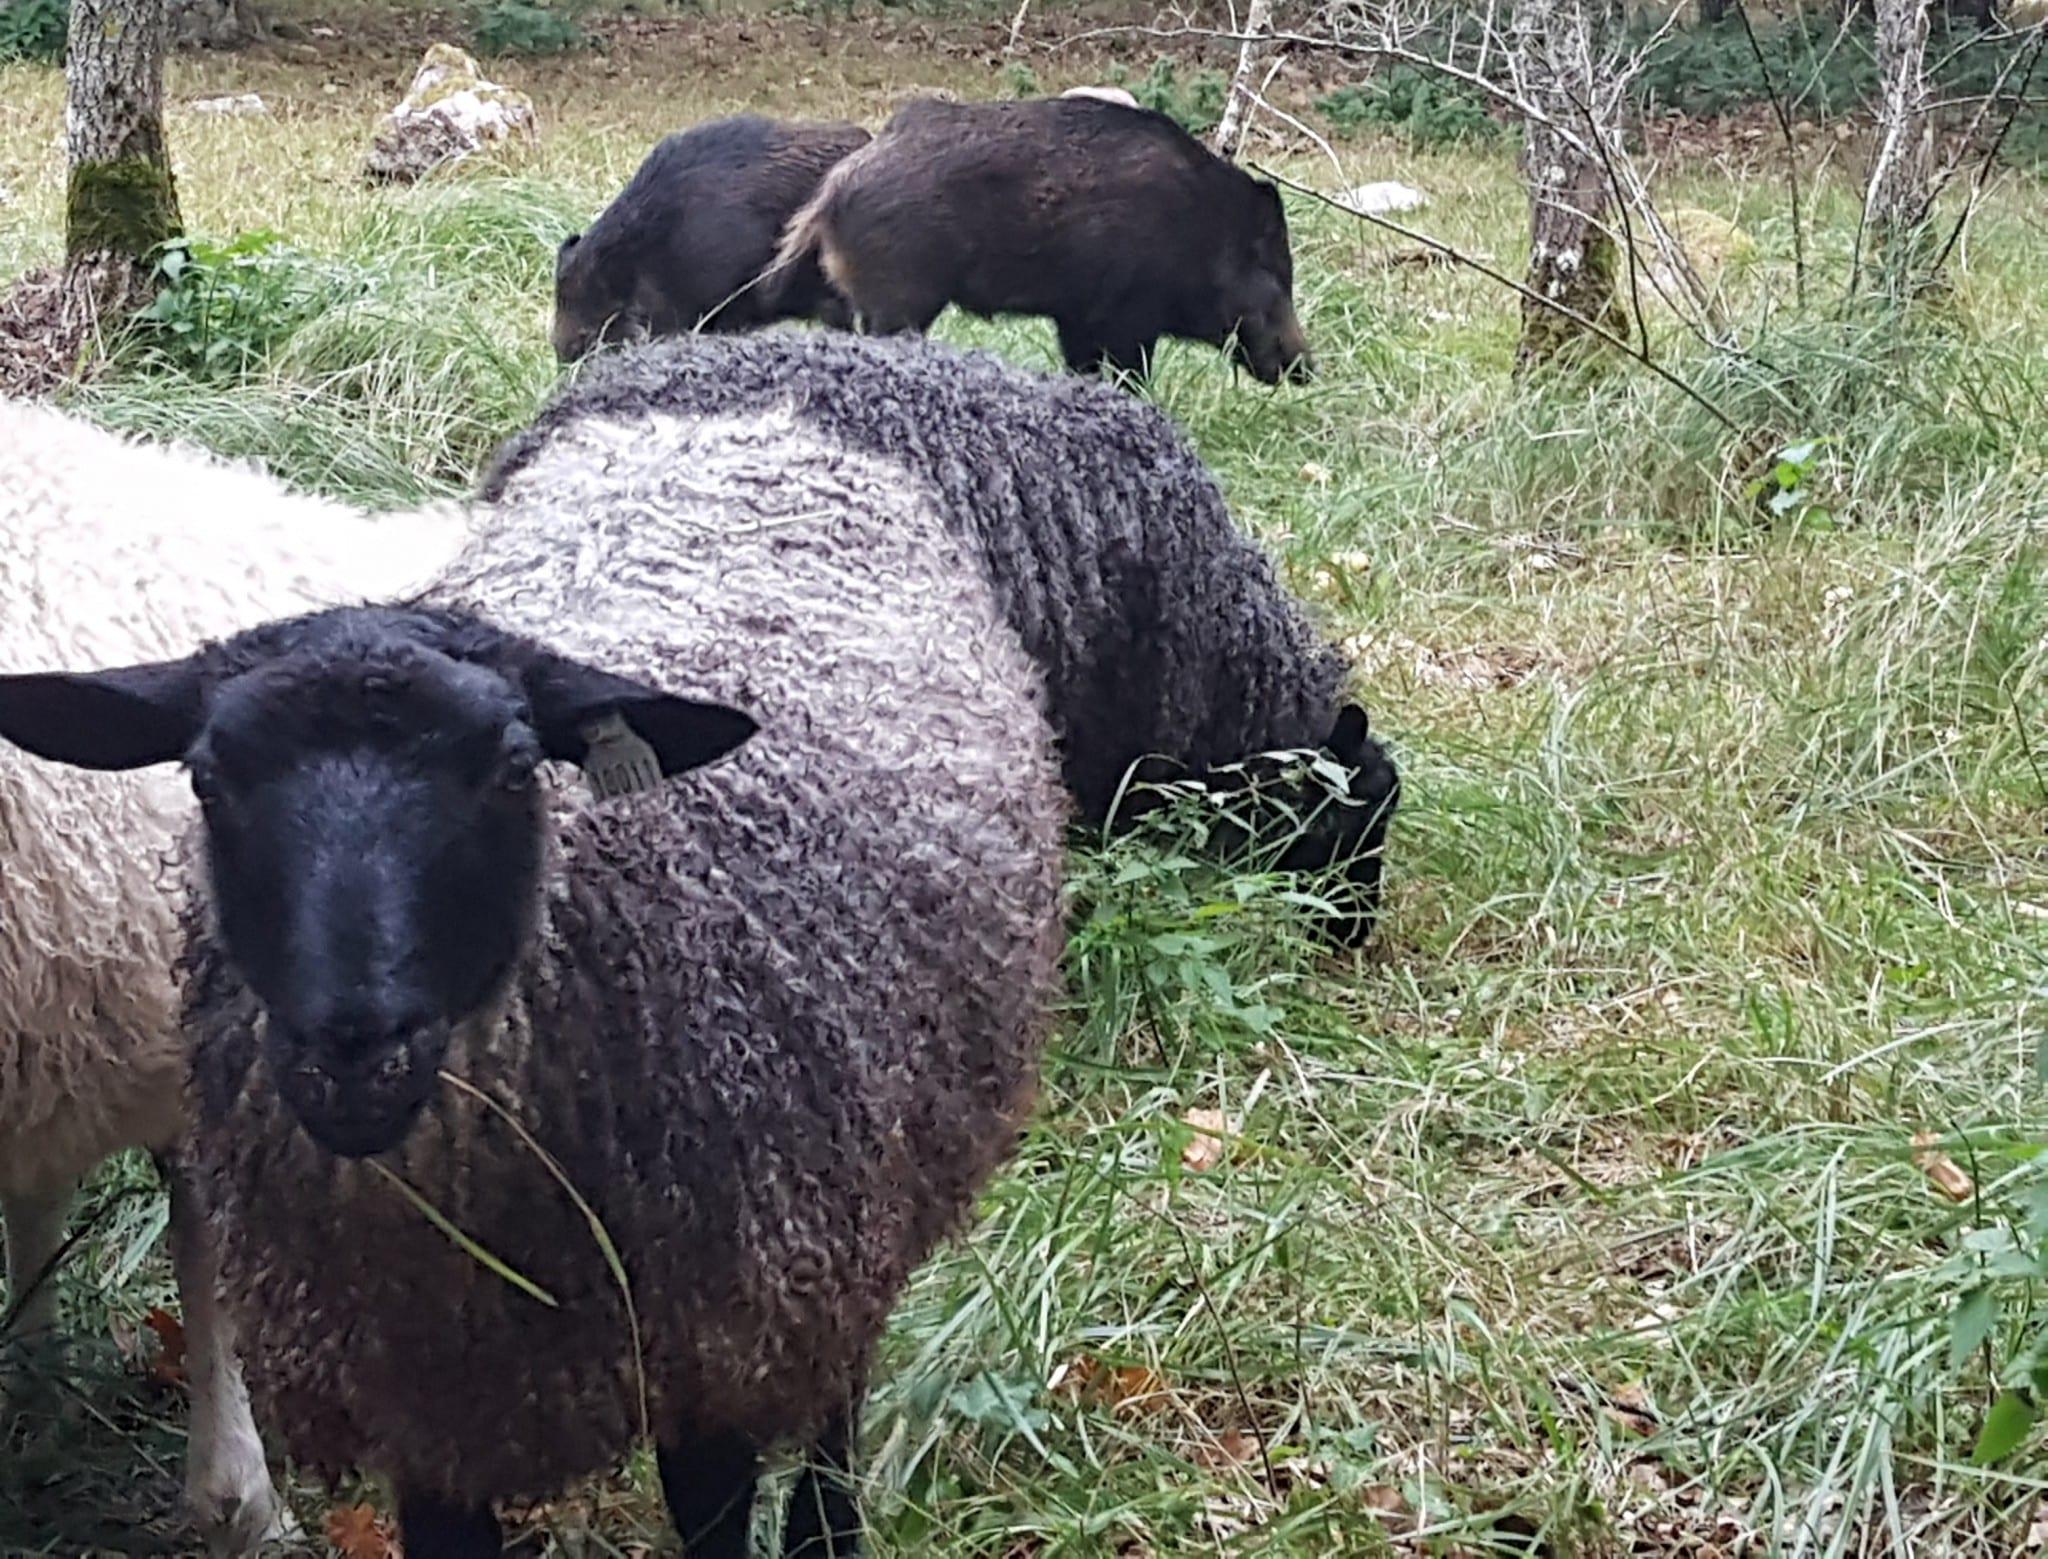 I tio dagar gick får och vildsvin i samma hage. Foto: Paul Eknöland